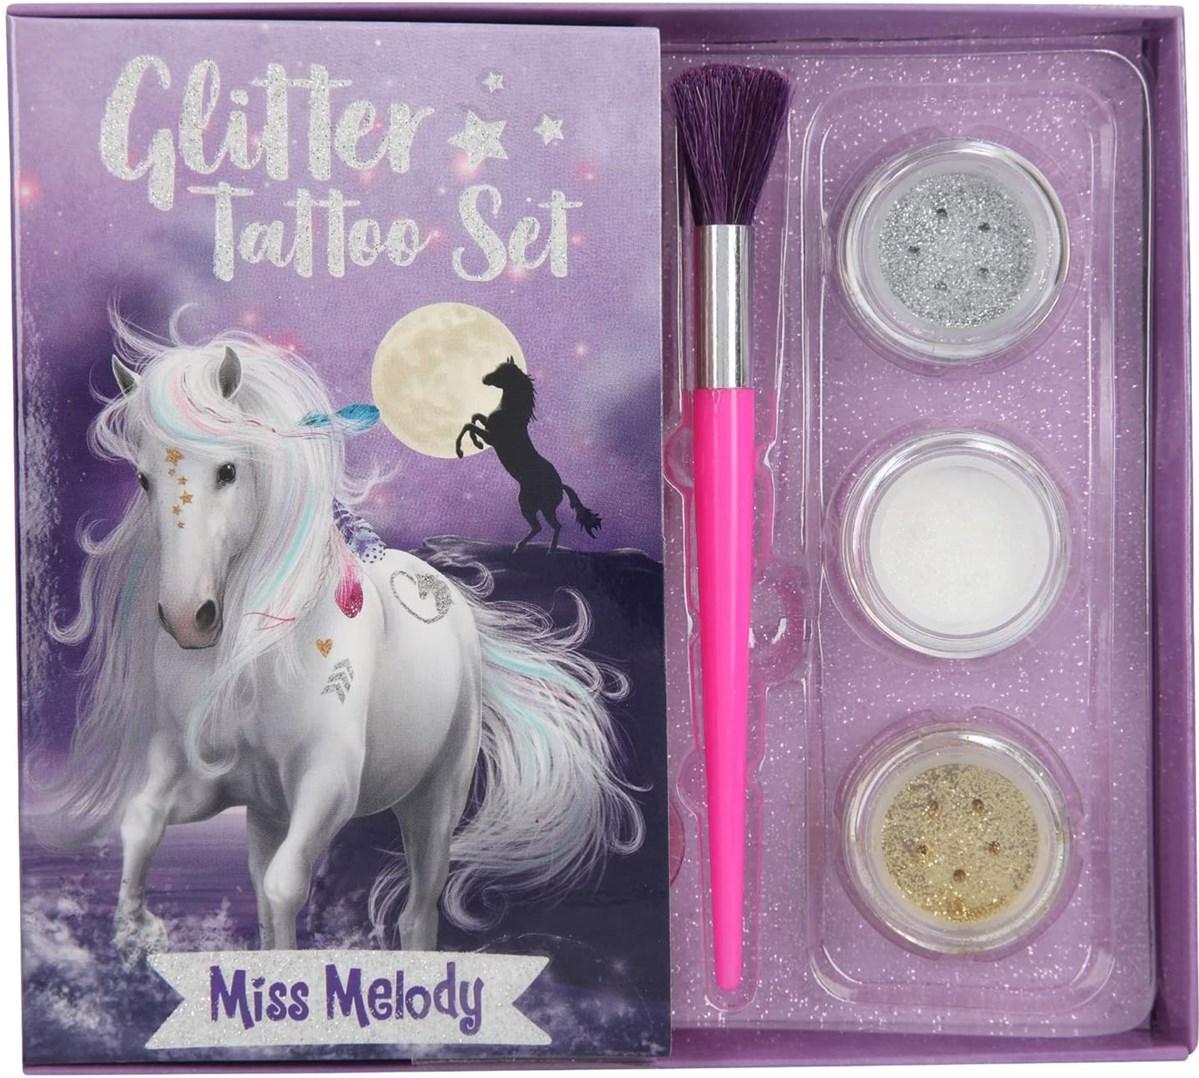 Miss Melody, 2883939, Glitter tattoo set, sada třpytivého tetování